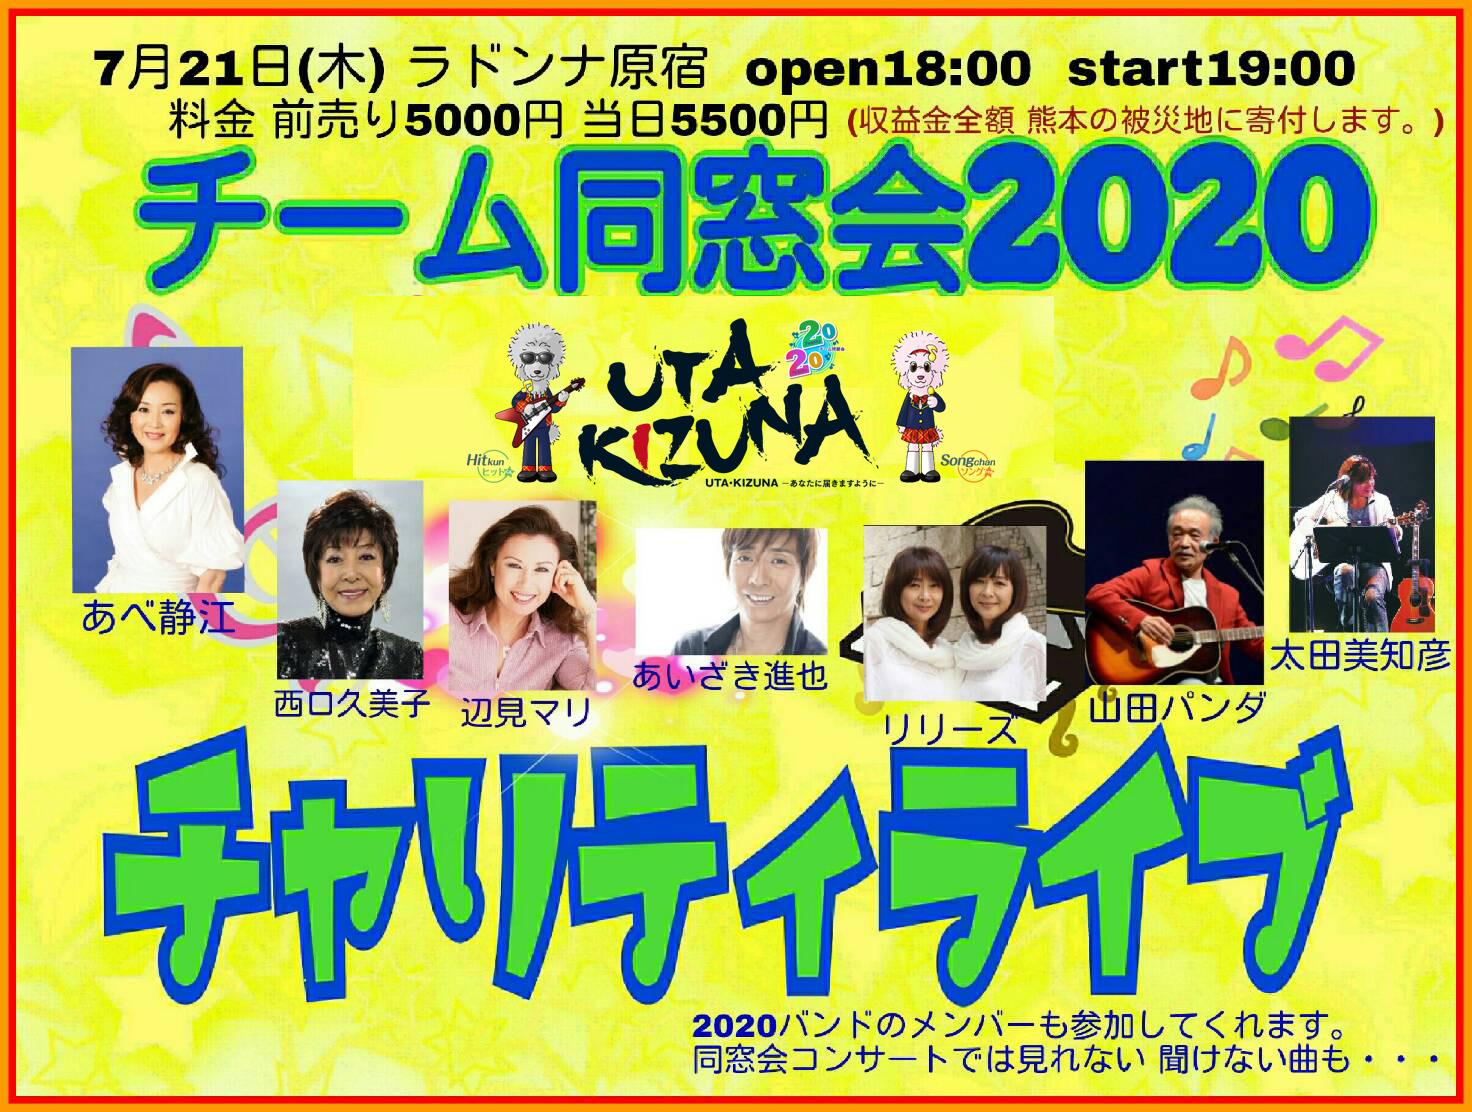 チーム同窓会2020による熊本地震被災地支援チャリティライブ